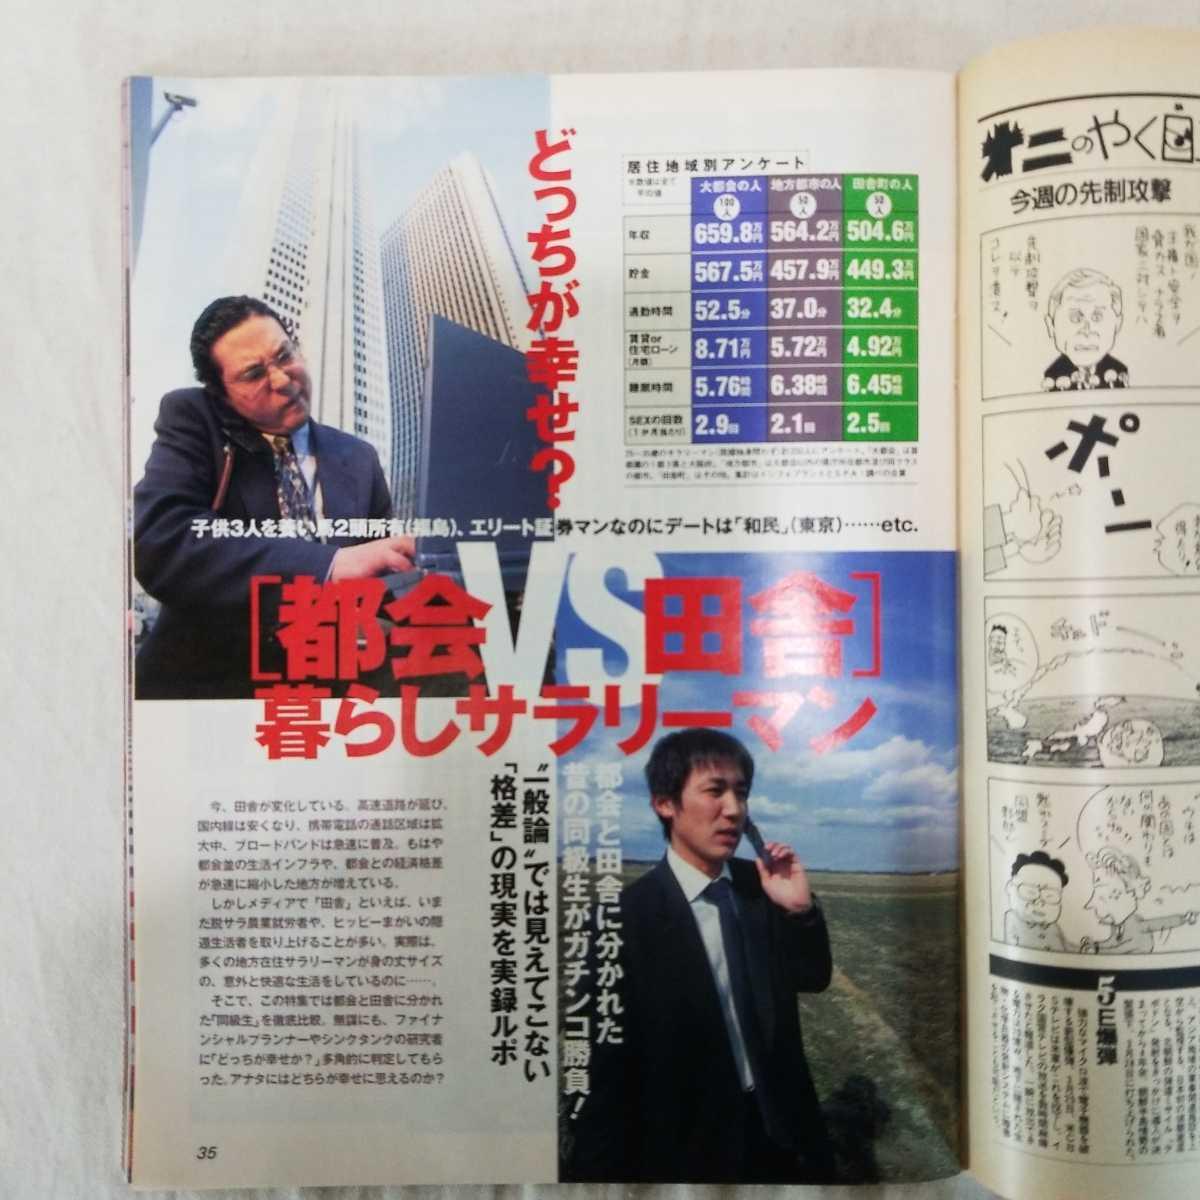 週刊スパ SPA! 2003年4月号 [都会vs田舎]暮らしサラリーマン 男の[モテ期]にこんな法則があった!!  宇佐美奈々 _画像6